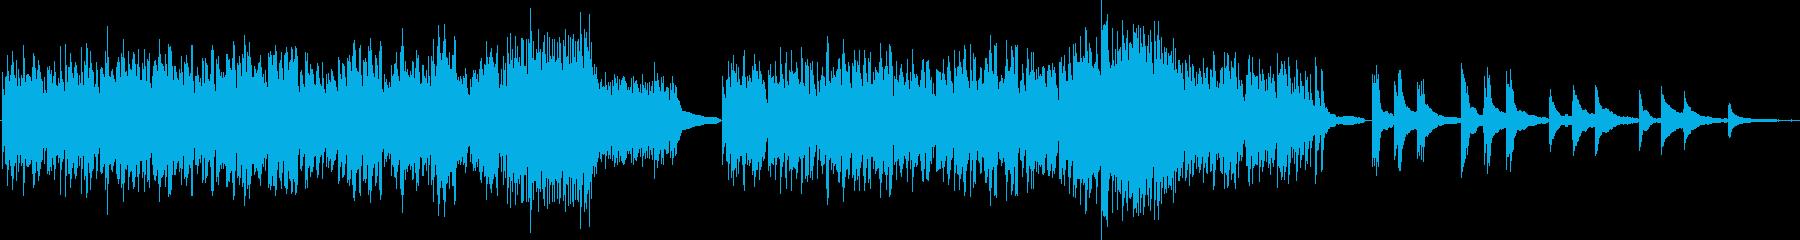 ノスタルジックなアルペジオ ピアノソロの再生済みの波形